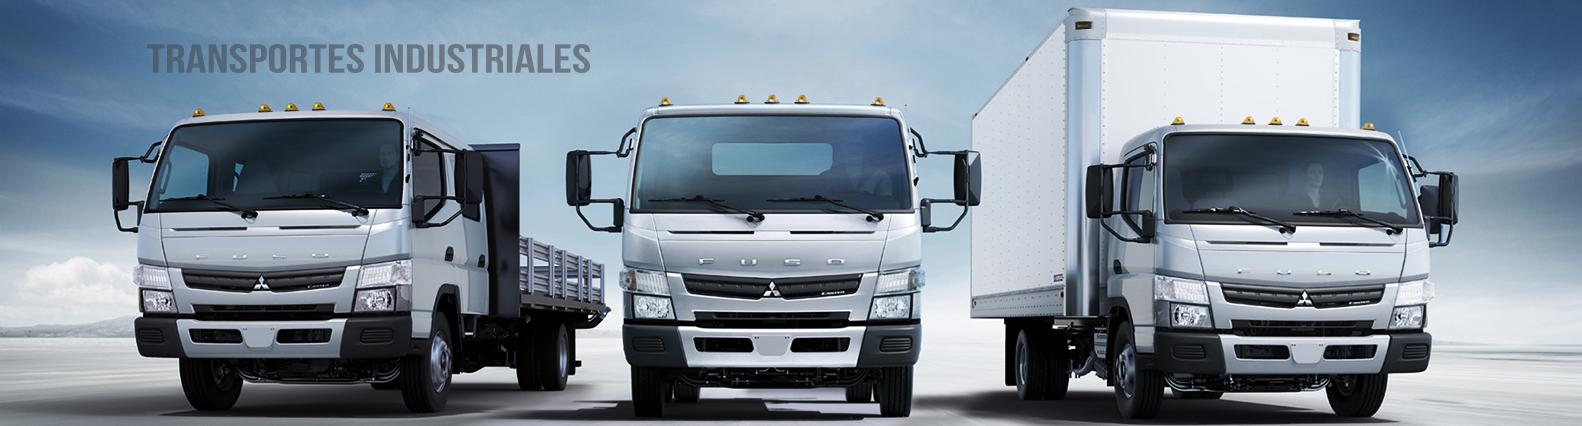 Transportes paine servicios de transporte industrial en - Servicio de transporte ...